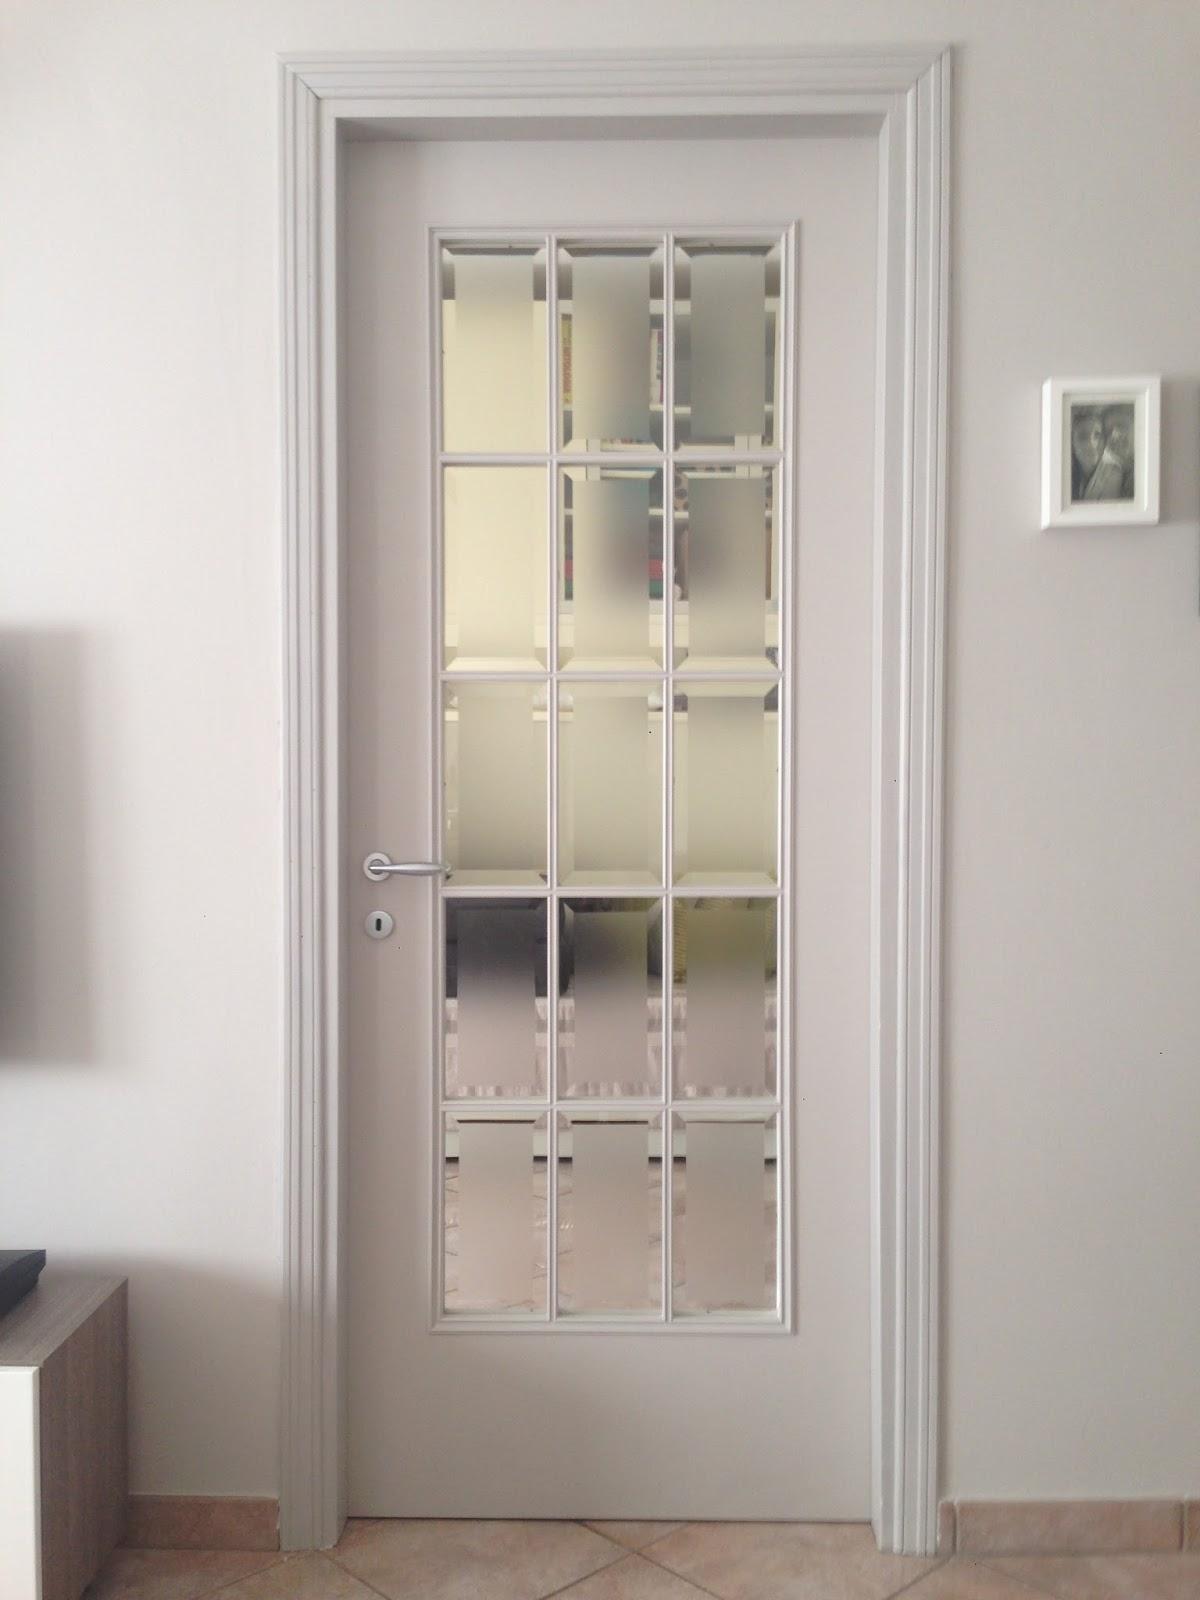 Cuscini cactus cambiare look alle porte di casa 2 - Porte all inglese ...